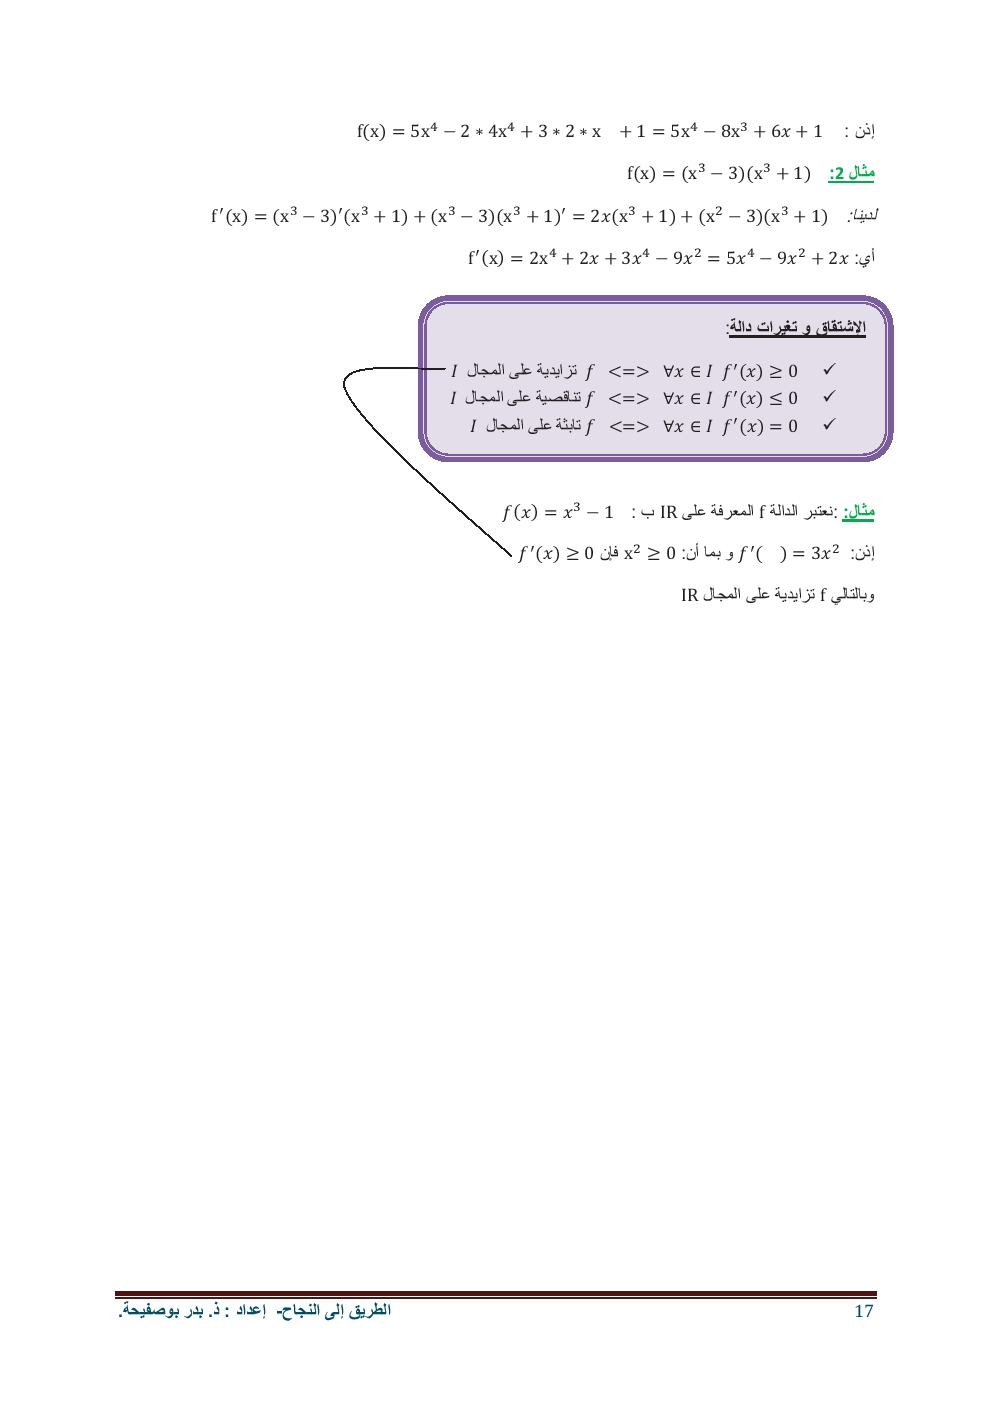 دروس الرياضيات : ملخص دروس الرياضيات الأولى باك | الأولى باك ادب